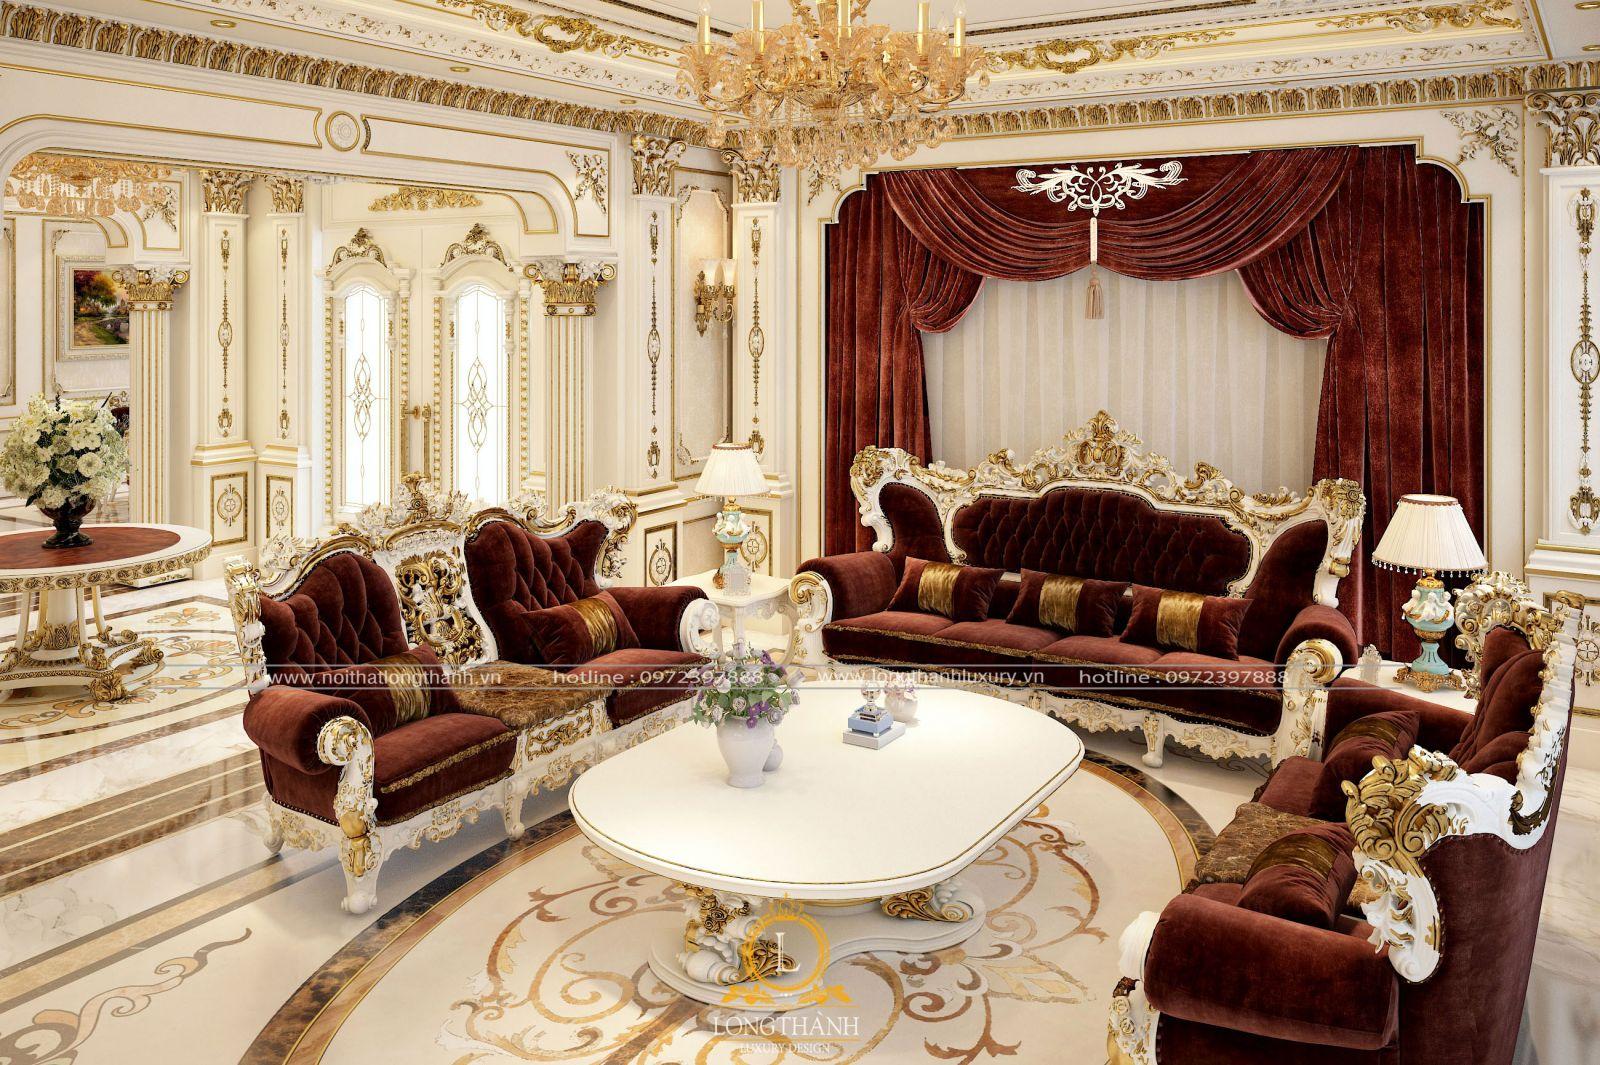 Rèm, vải gấm bọc Sofa với cùng một chất liệu giúp phòng khách chuẩn tông